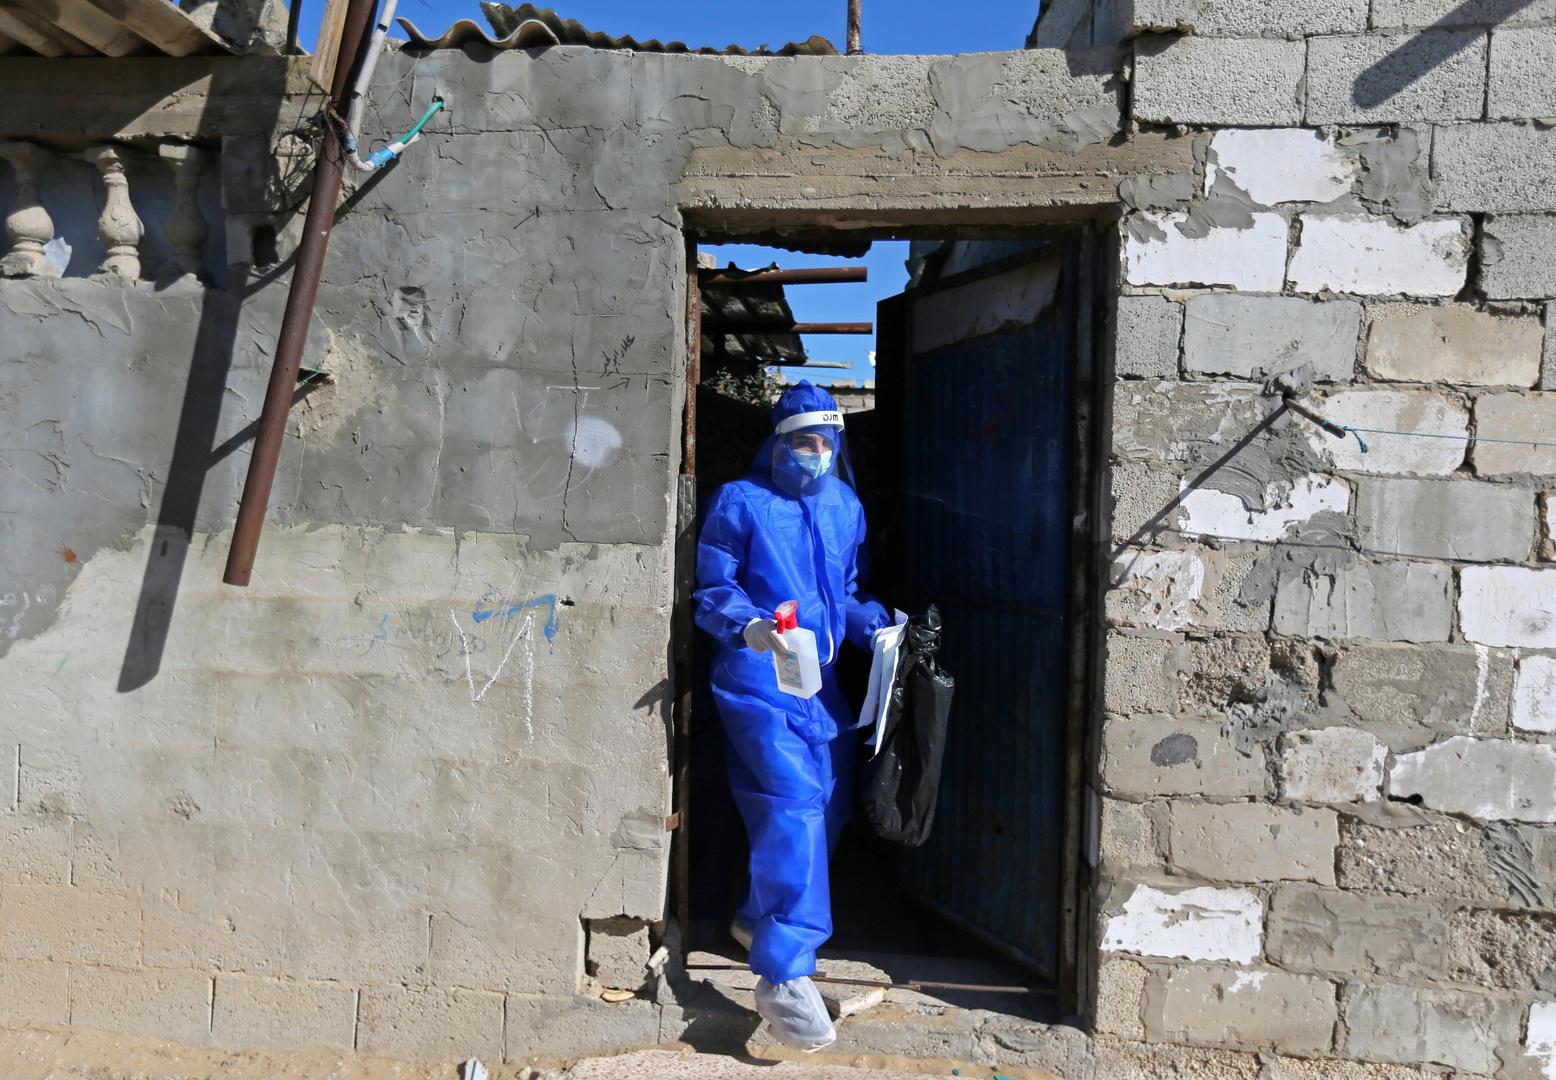 كازاخستان تقدم مساعدات طبية لفلسطين في مواجهة كورونا